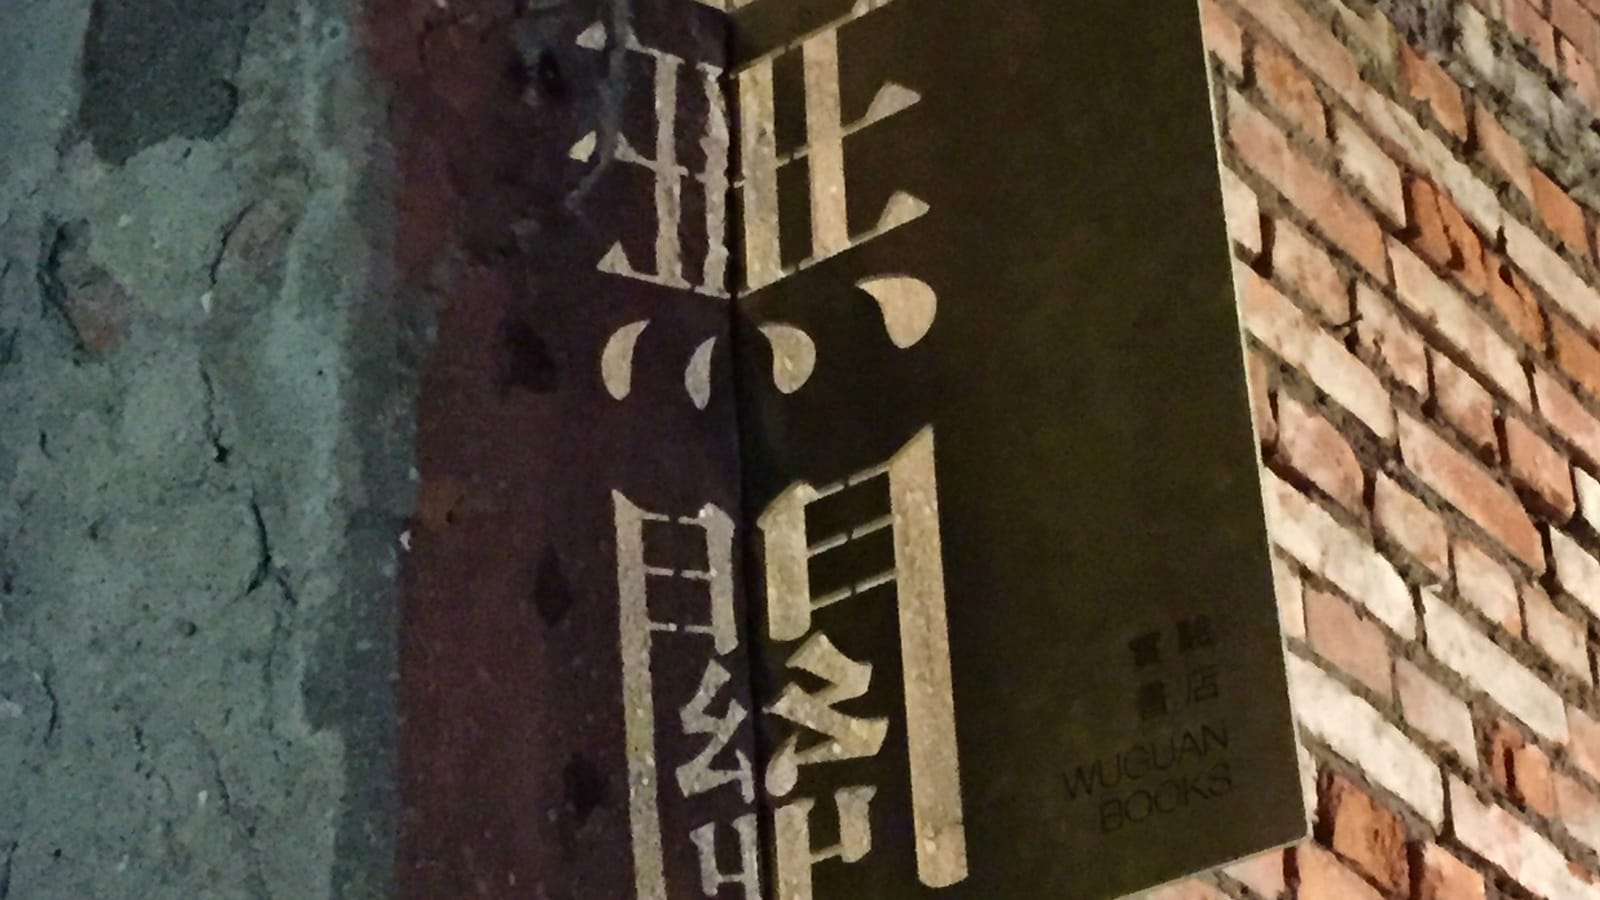 """كتب """"تطفو"""" في الظلام الدامس.. يتسوق زوار هذا المتجر بتايوان في العتمة"""